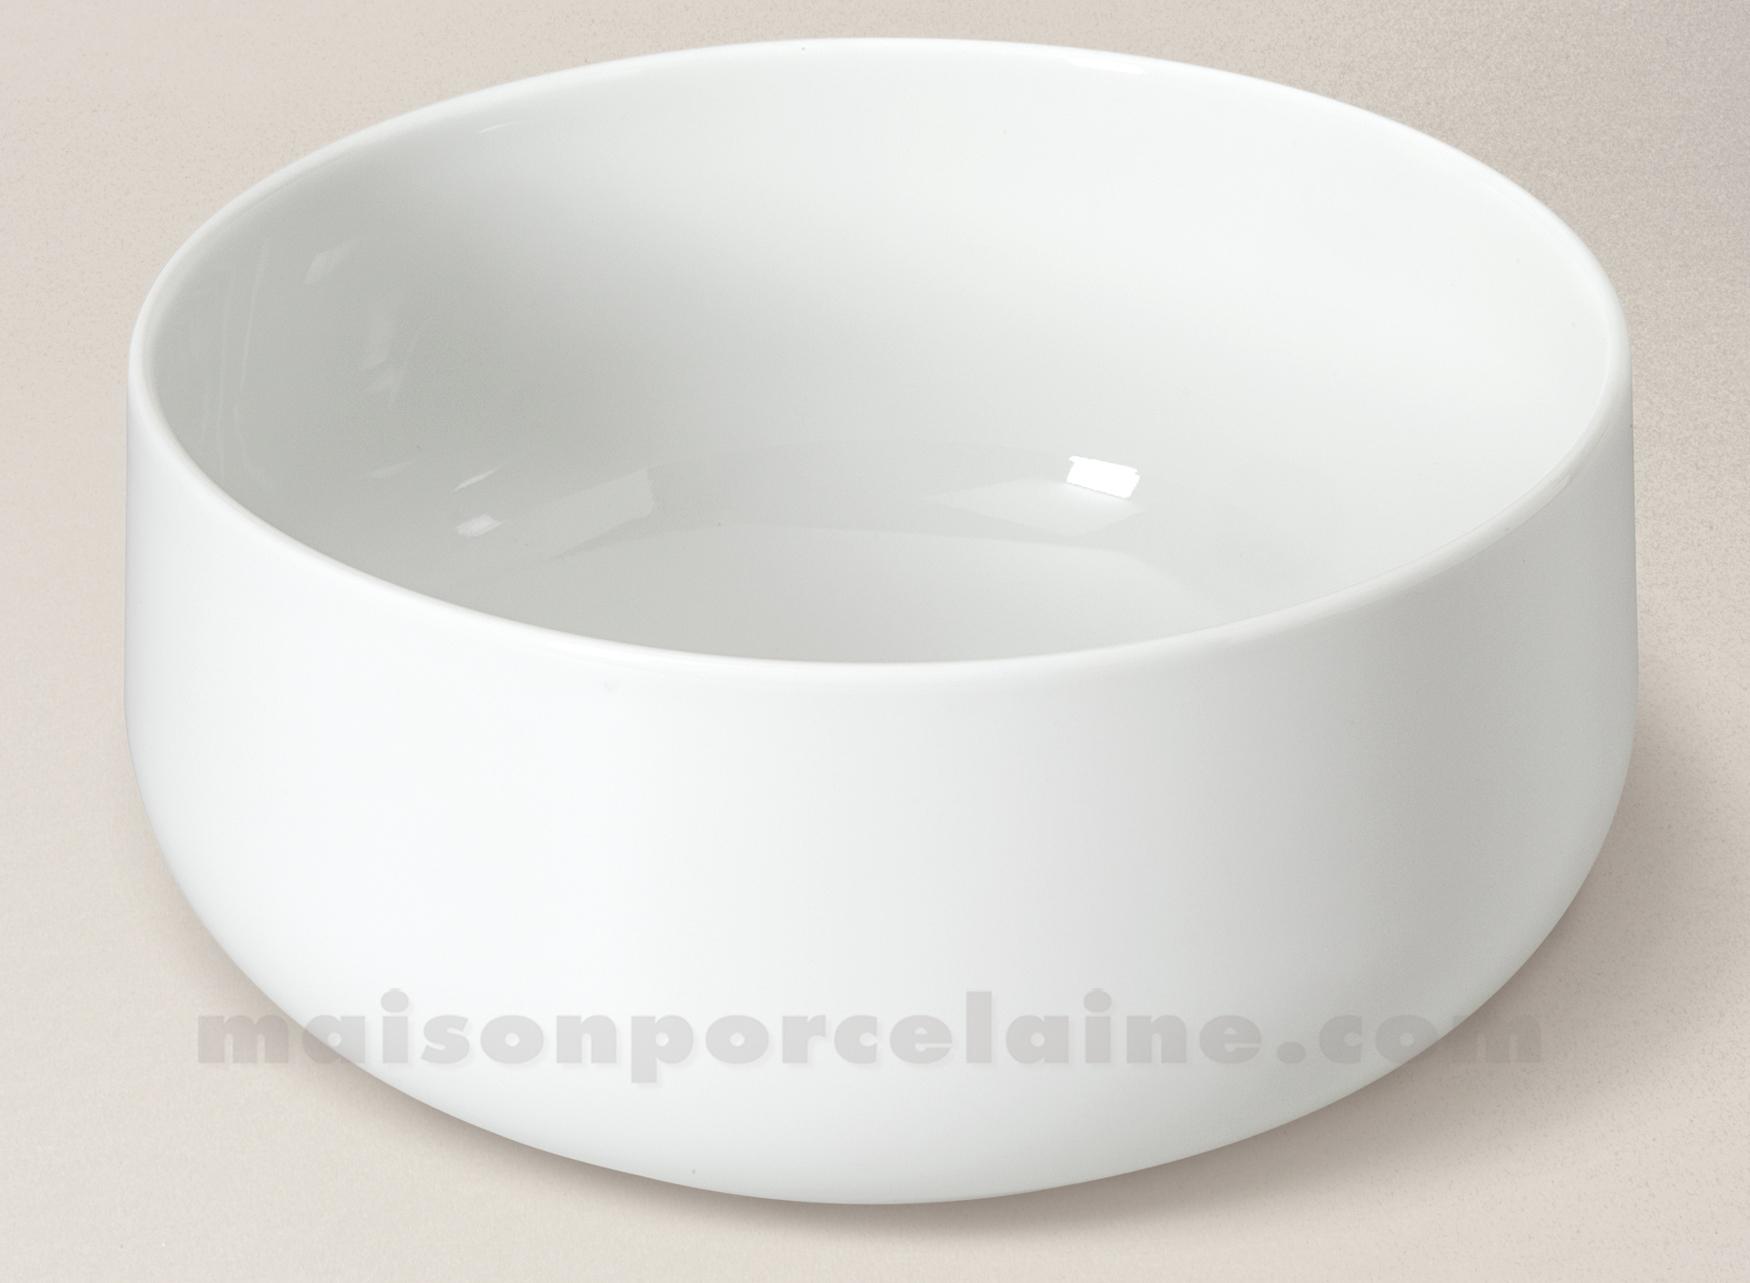 saladier yaka porcelaine blanche 25cm 3l maison de la porcelaine. Black Bedroom Furniture Sets. Home Design Ideas